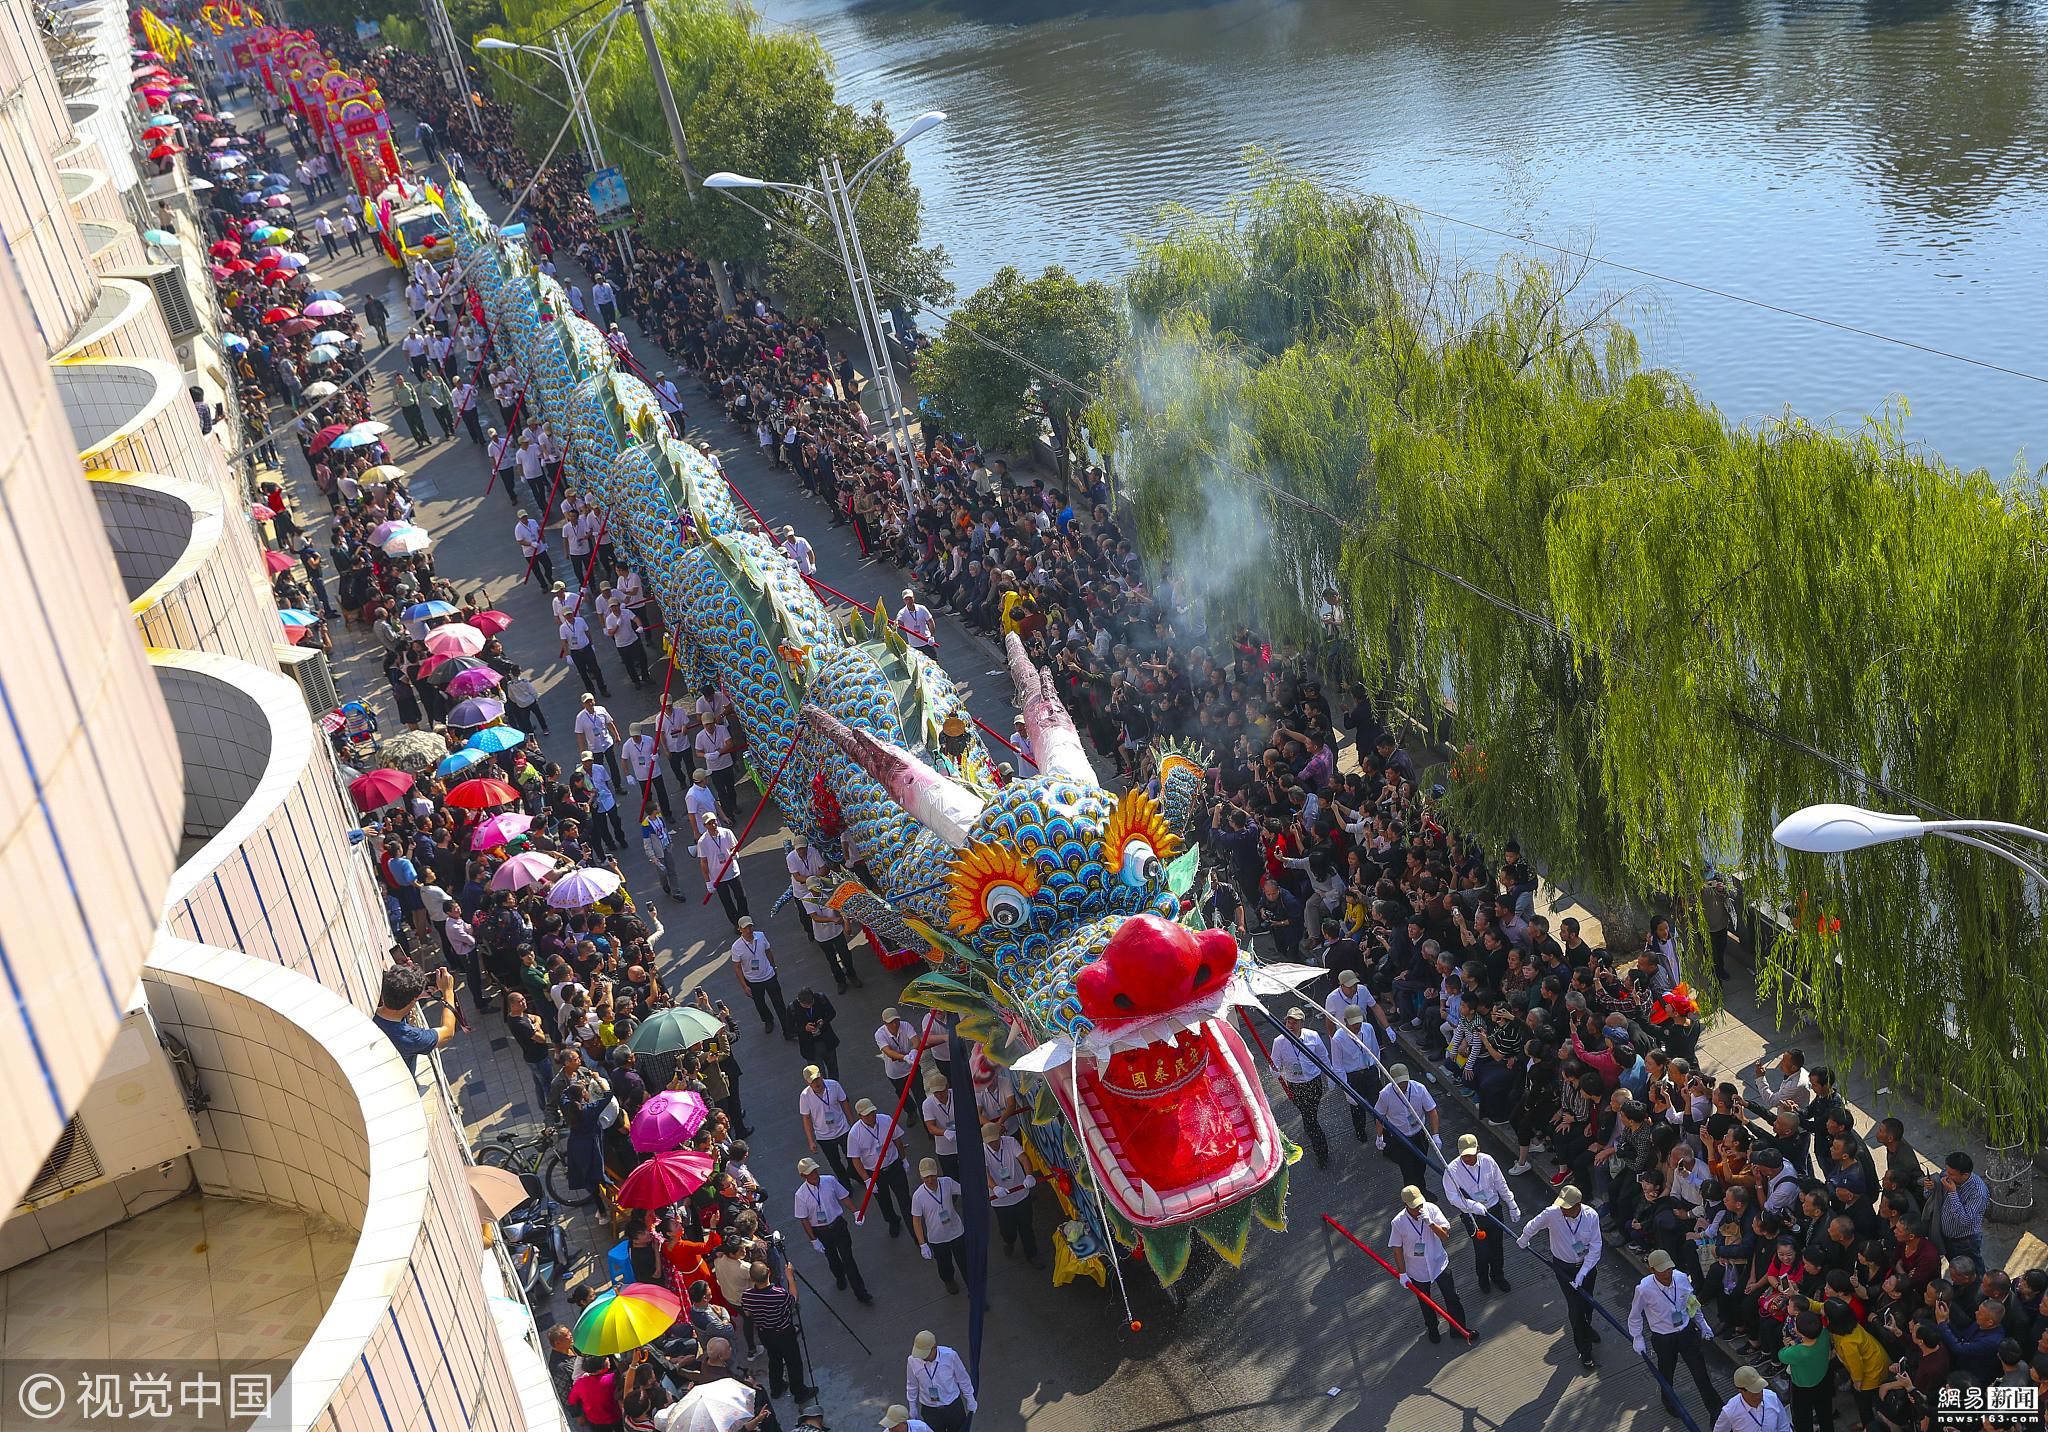 居民庆建城630周年 抬63米巨龙巡游 - 周公乐 - xinhua8848 的博客